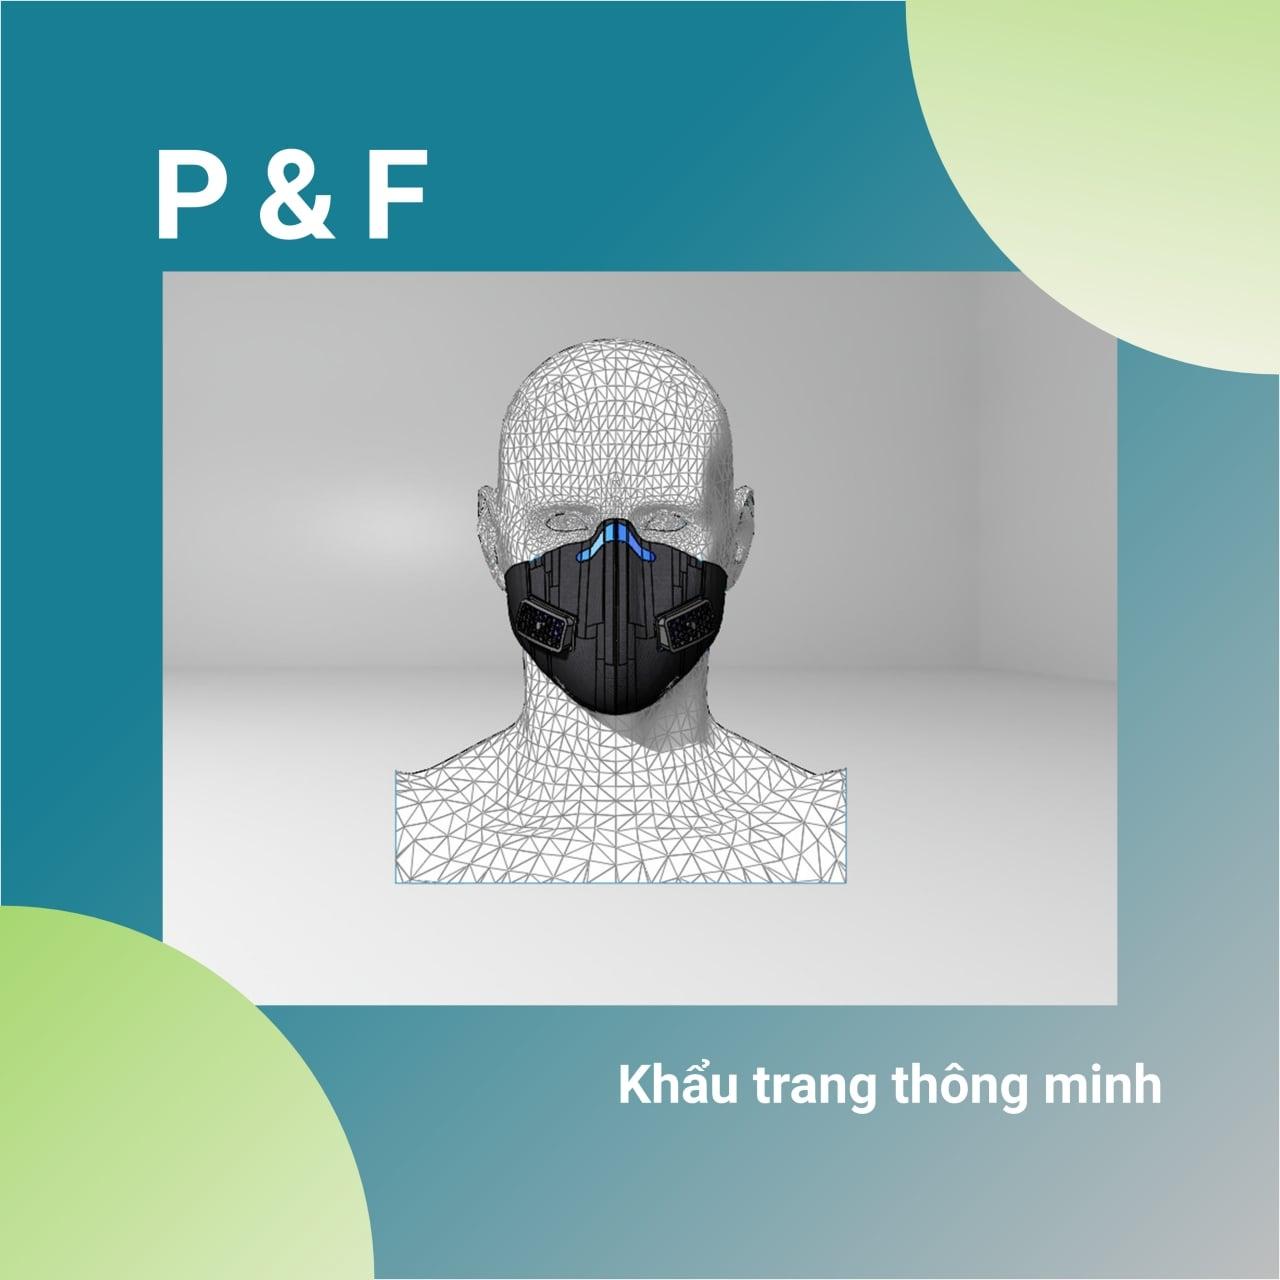 Nhóm P&F - Khẩu trang thông minh